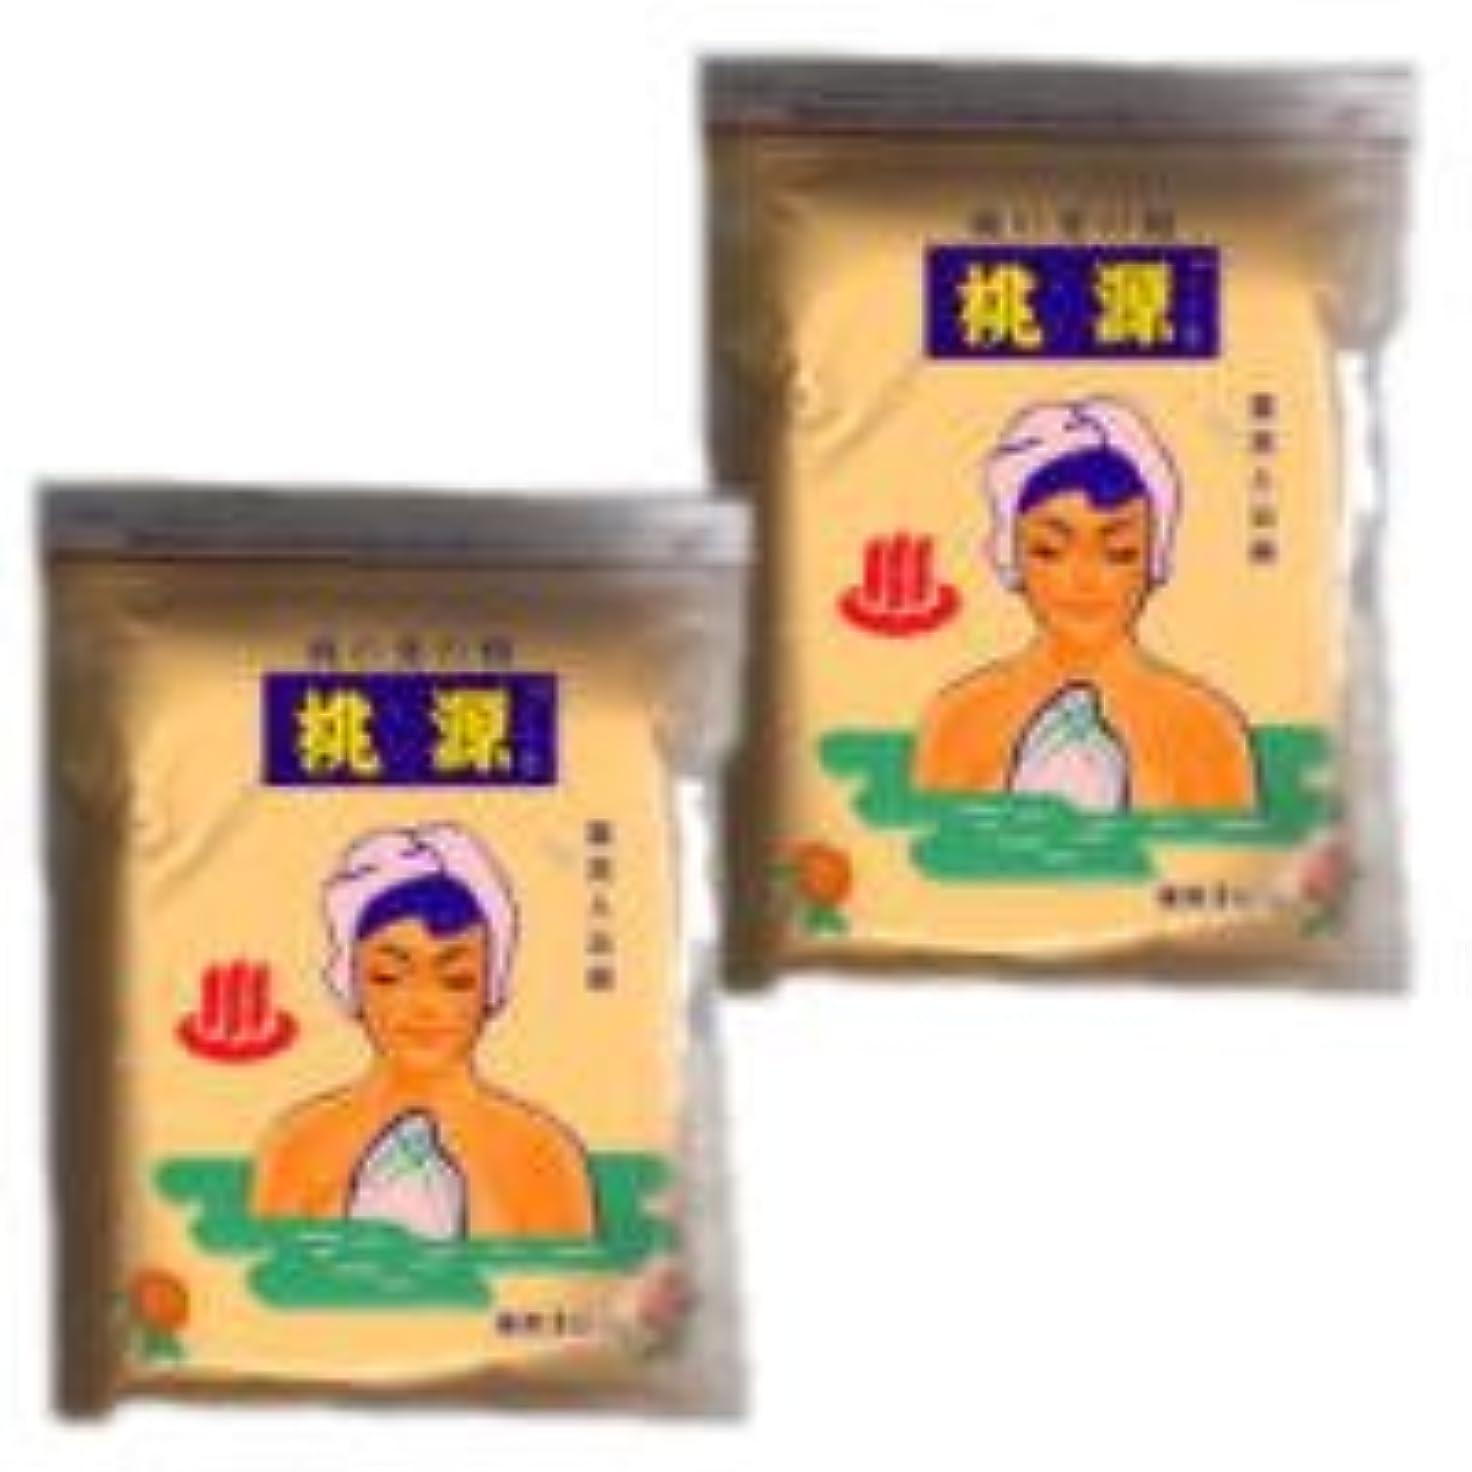 帰るナース株式会社桃源(とうげん)s 桃の葉の精 1000g 袋入り 2個